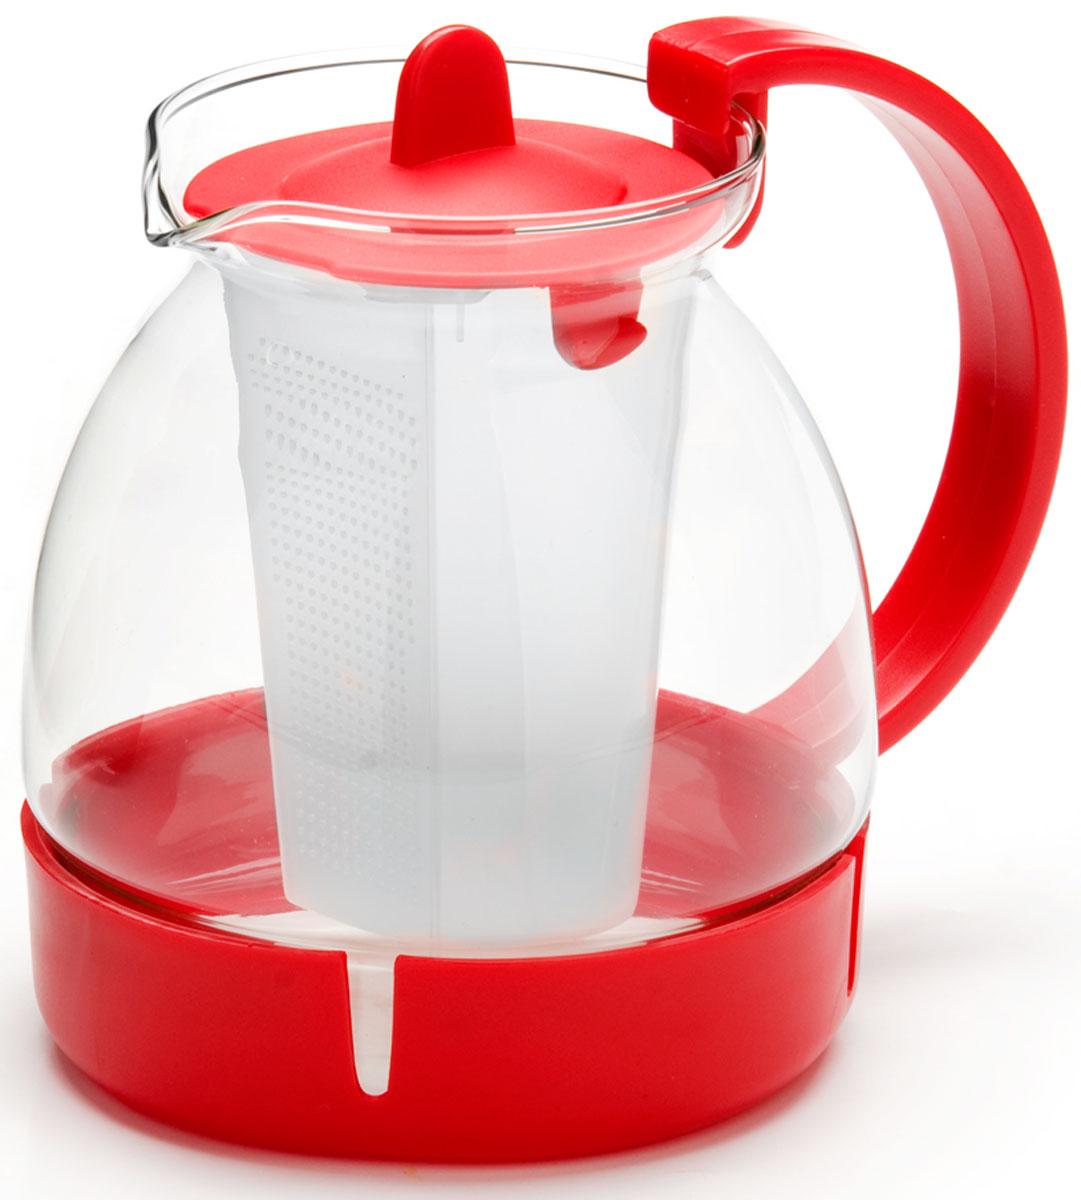 Чайник заварочный Mayer & Boch, с фильтром, цвет: красный, 1,25 л. 26171-126171-1Заварочный чайник Mayer & Boch изготовлен из термостойкого боросиликатного стекла, фильтр выполнен из полипропилена. Изделия из стекла не впитывают запахи, благодаря чему вы всегда получите натуральный, насыщенный вкус и аромат напитков. Заварочный чайник из стекла удобно использовать для повседневного заваривания чая практически любого сорта. Но цветочные, фруктовые, красные и желтые сорта чая лучше других раскрывают свой вкус и аромат при заваривании именно в стеклянных чайниках, а также сохраняют все полезные ферменты и витамины, содержащиеся в чайных листах. Стальной фильтр гарантирует прозрачность и чистоту напитка от чайных листьев, при этом сохранив букет и насыщенность чая.Прозрачные стенки чайника дают возможность насладиться насыщенным цветом заваренного чая. Изящный заварочный чайник Mayer & Boch будет прекрасно смотреться в любом интерьере. Подходит для мытья в посудомоечной машине.